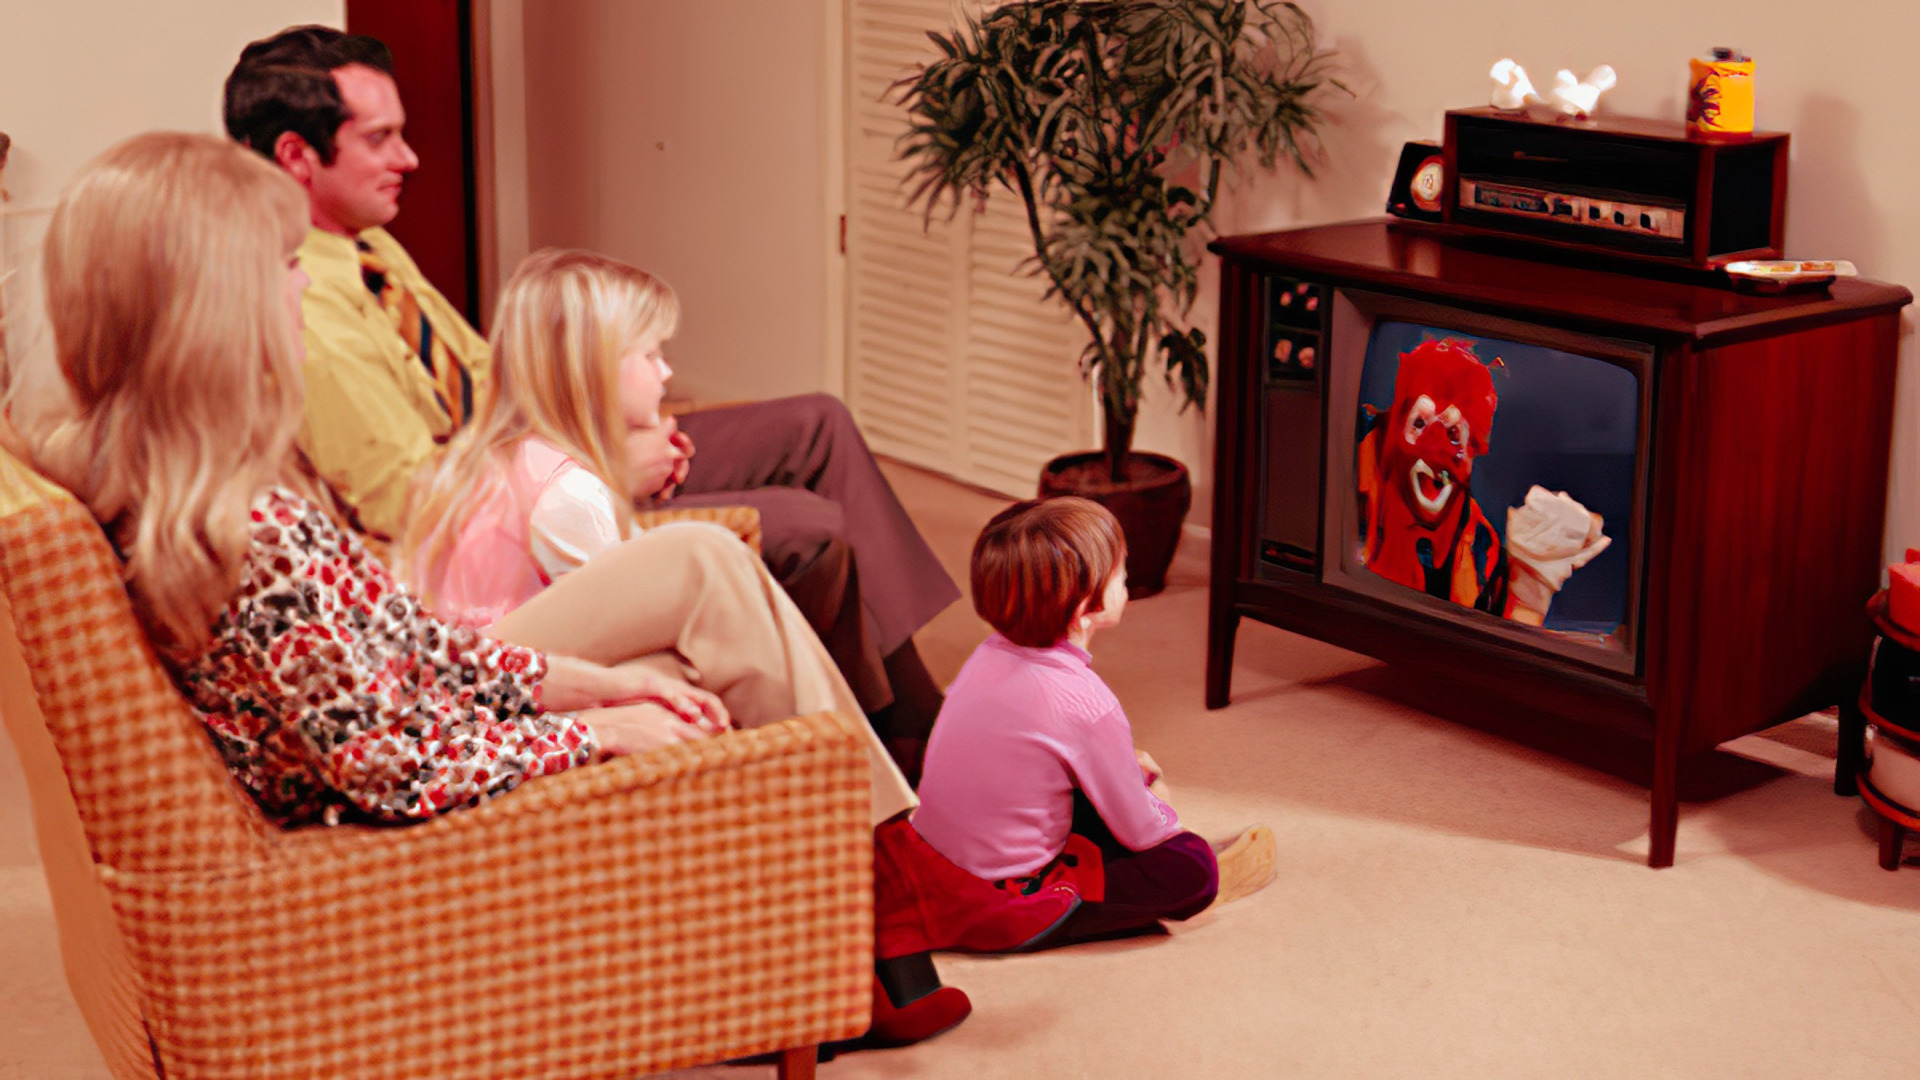 Streaming, Tv, Fernsehen, Fernseher, Entertainment, Se